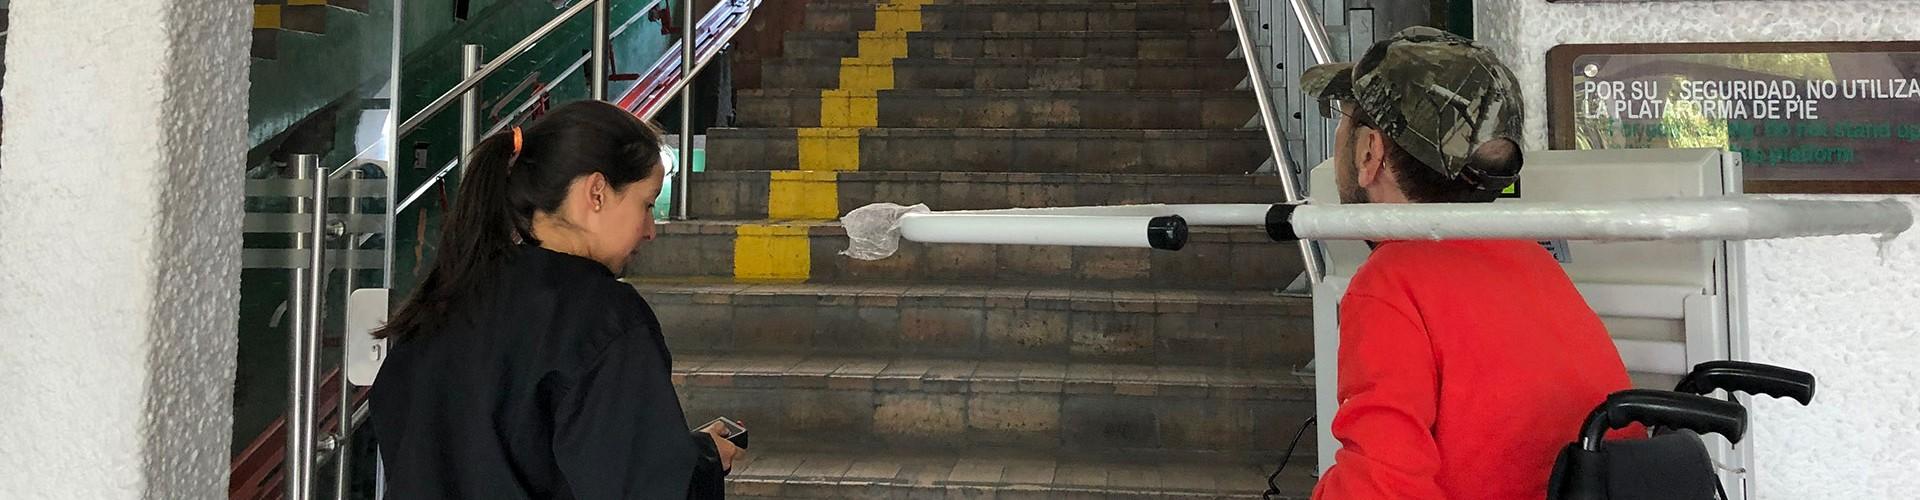 Rollstuhlfahrer auf Treppenlift am Anfang vieler Stufen nach oben, es ist eine Station einer Standseilbahn. Eine Frau steuert ihn. Am Ende der Stufen sieht man ein Rollstuhlsymbol.